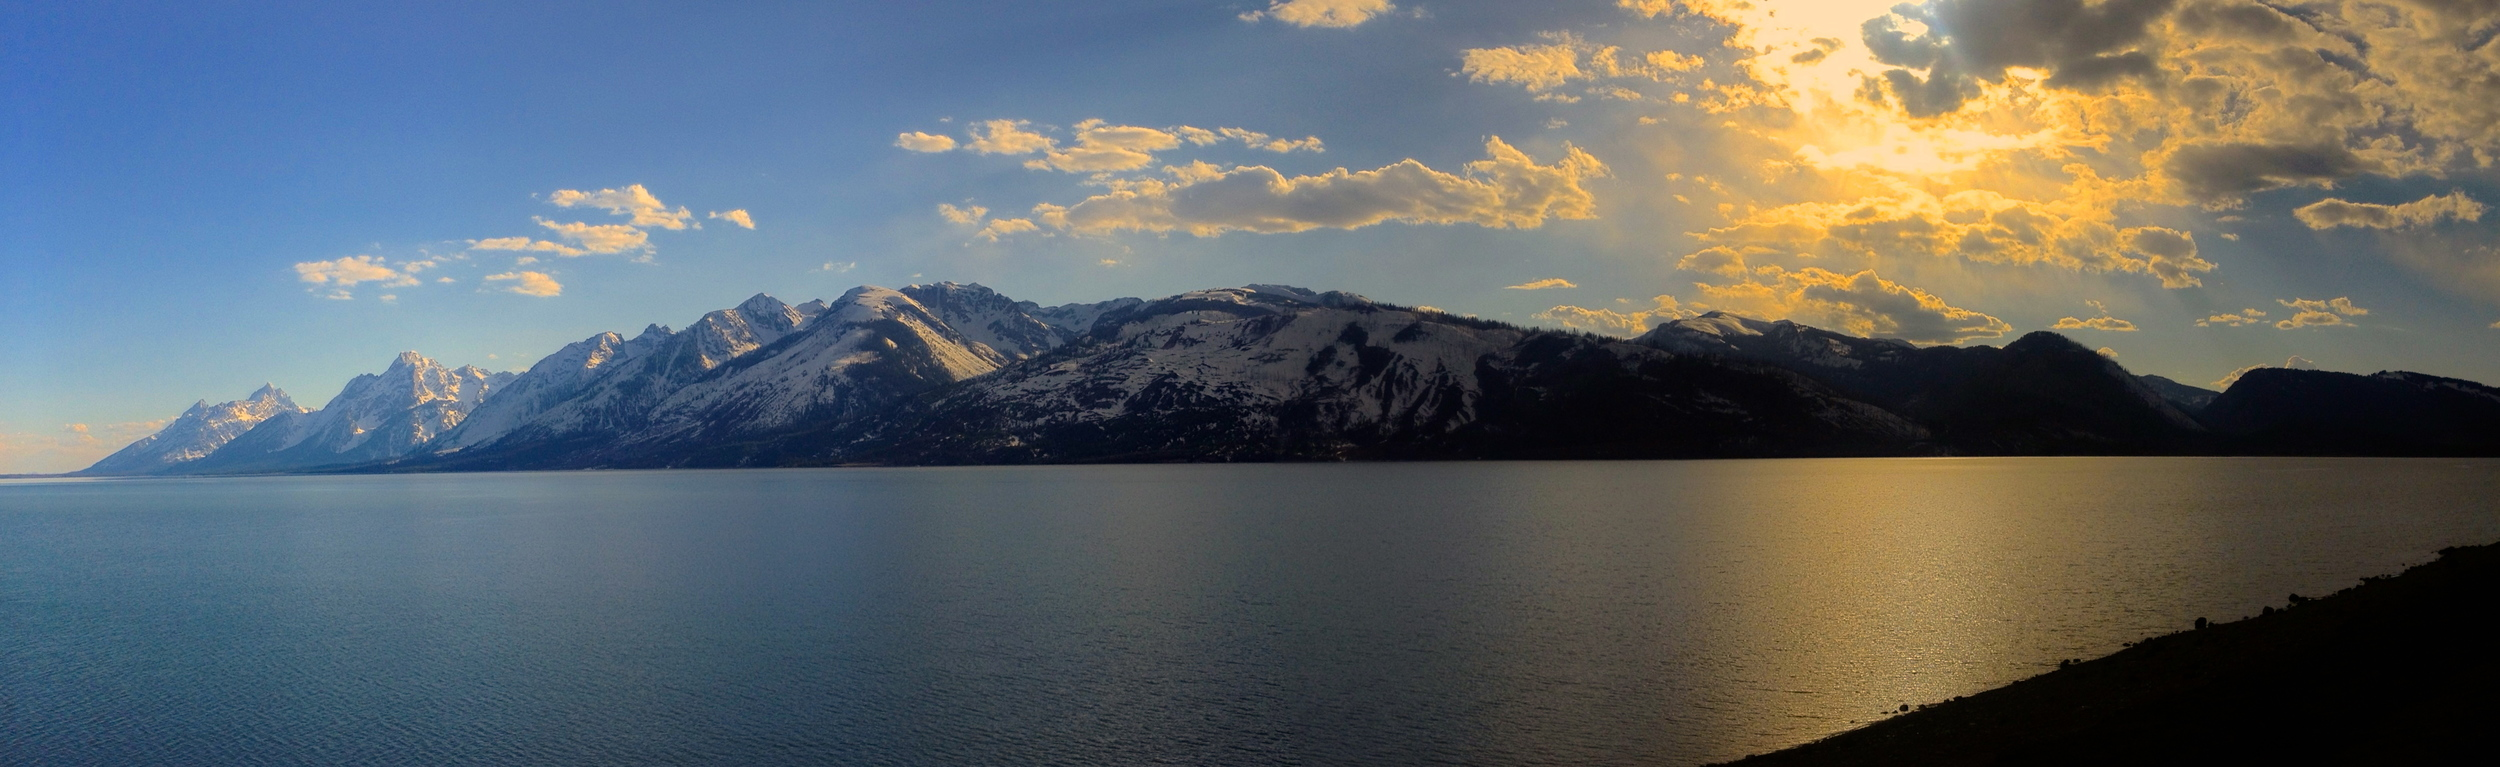 Sunset on Jackson Lake